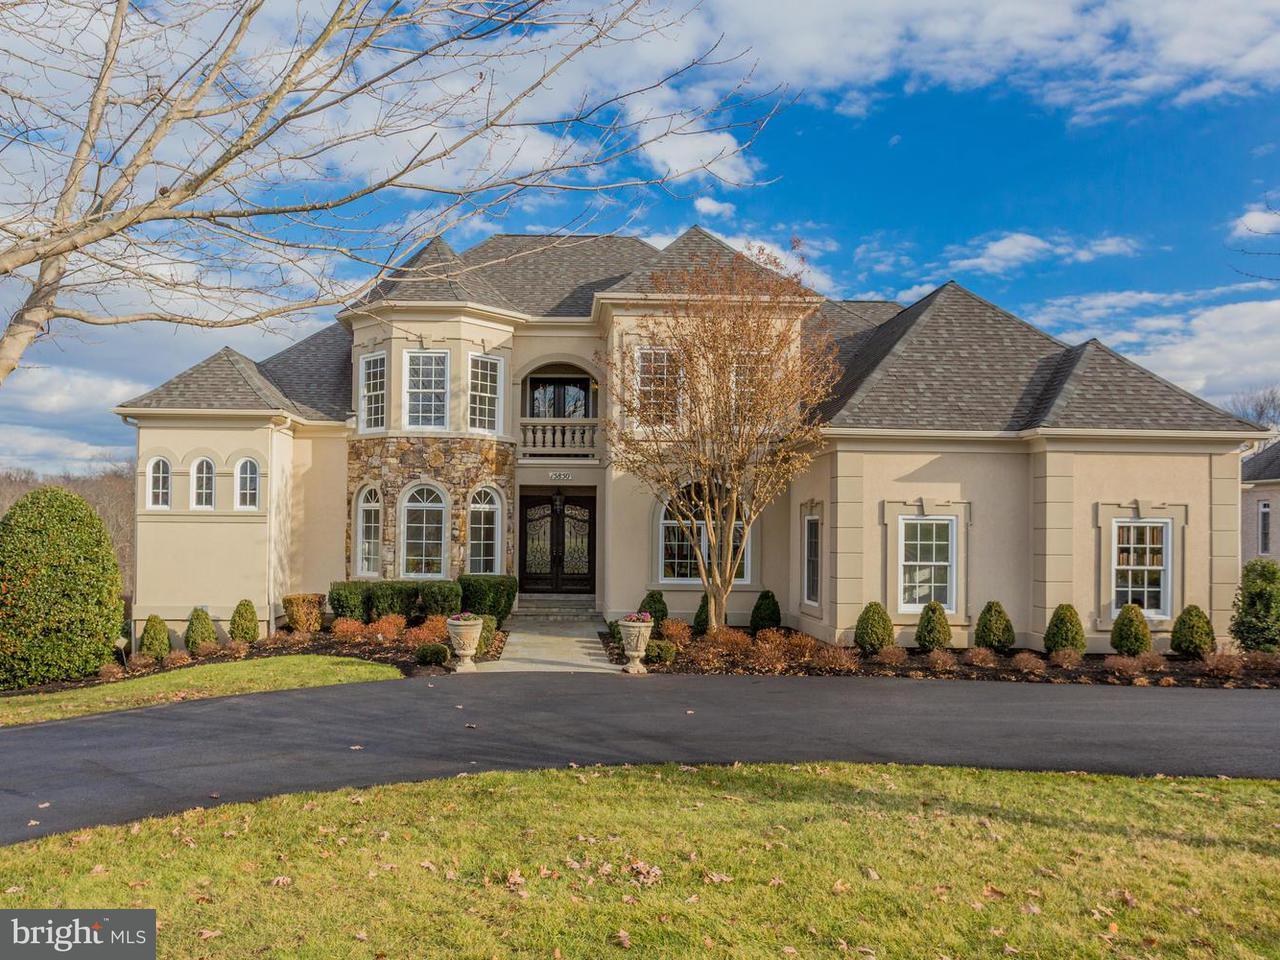 Villa per Vendita alle ore 15850 SPYGLASS HILL LOOP LOOP 15850 SPYGLASS HILL LOOP LOOP Gainesville, Virginia 20155 Stati Uniti